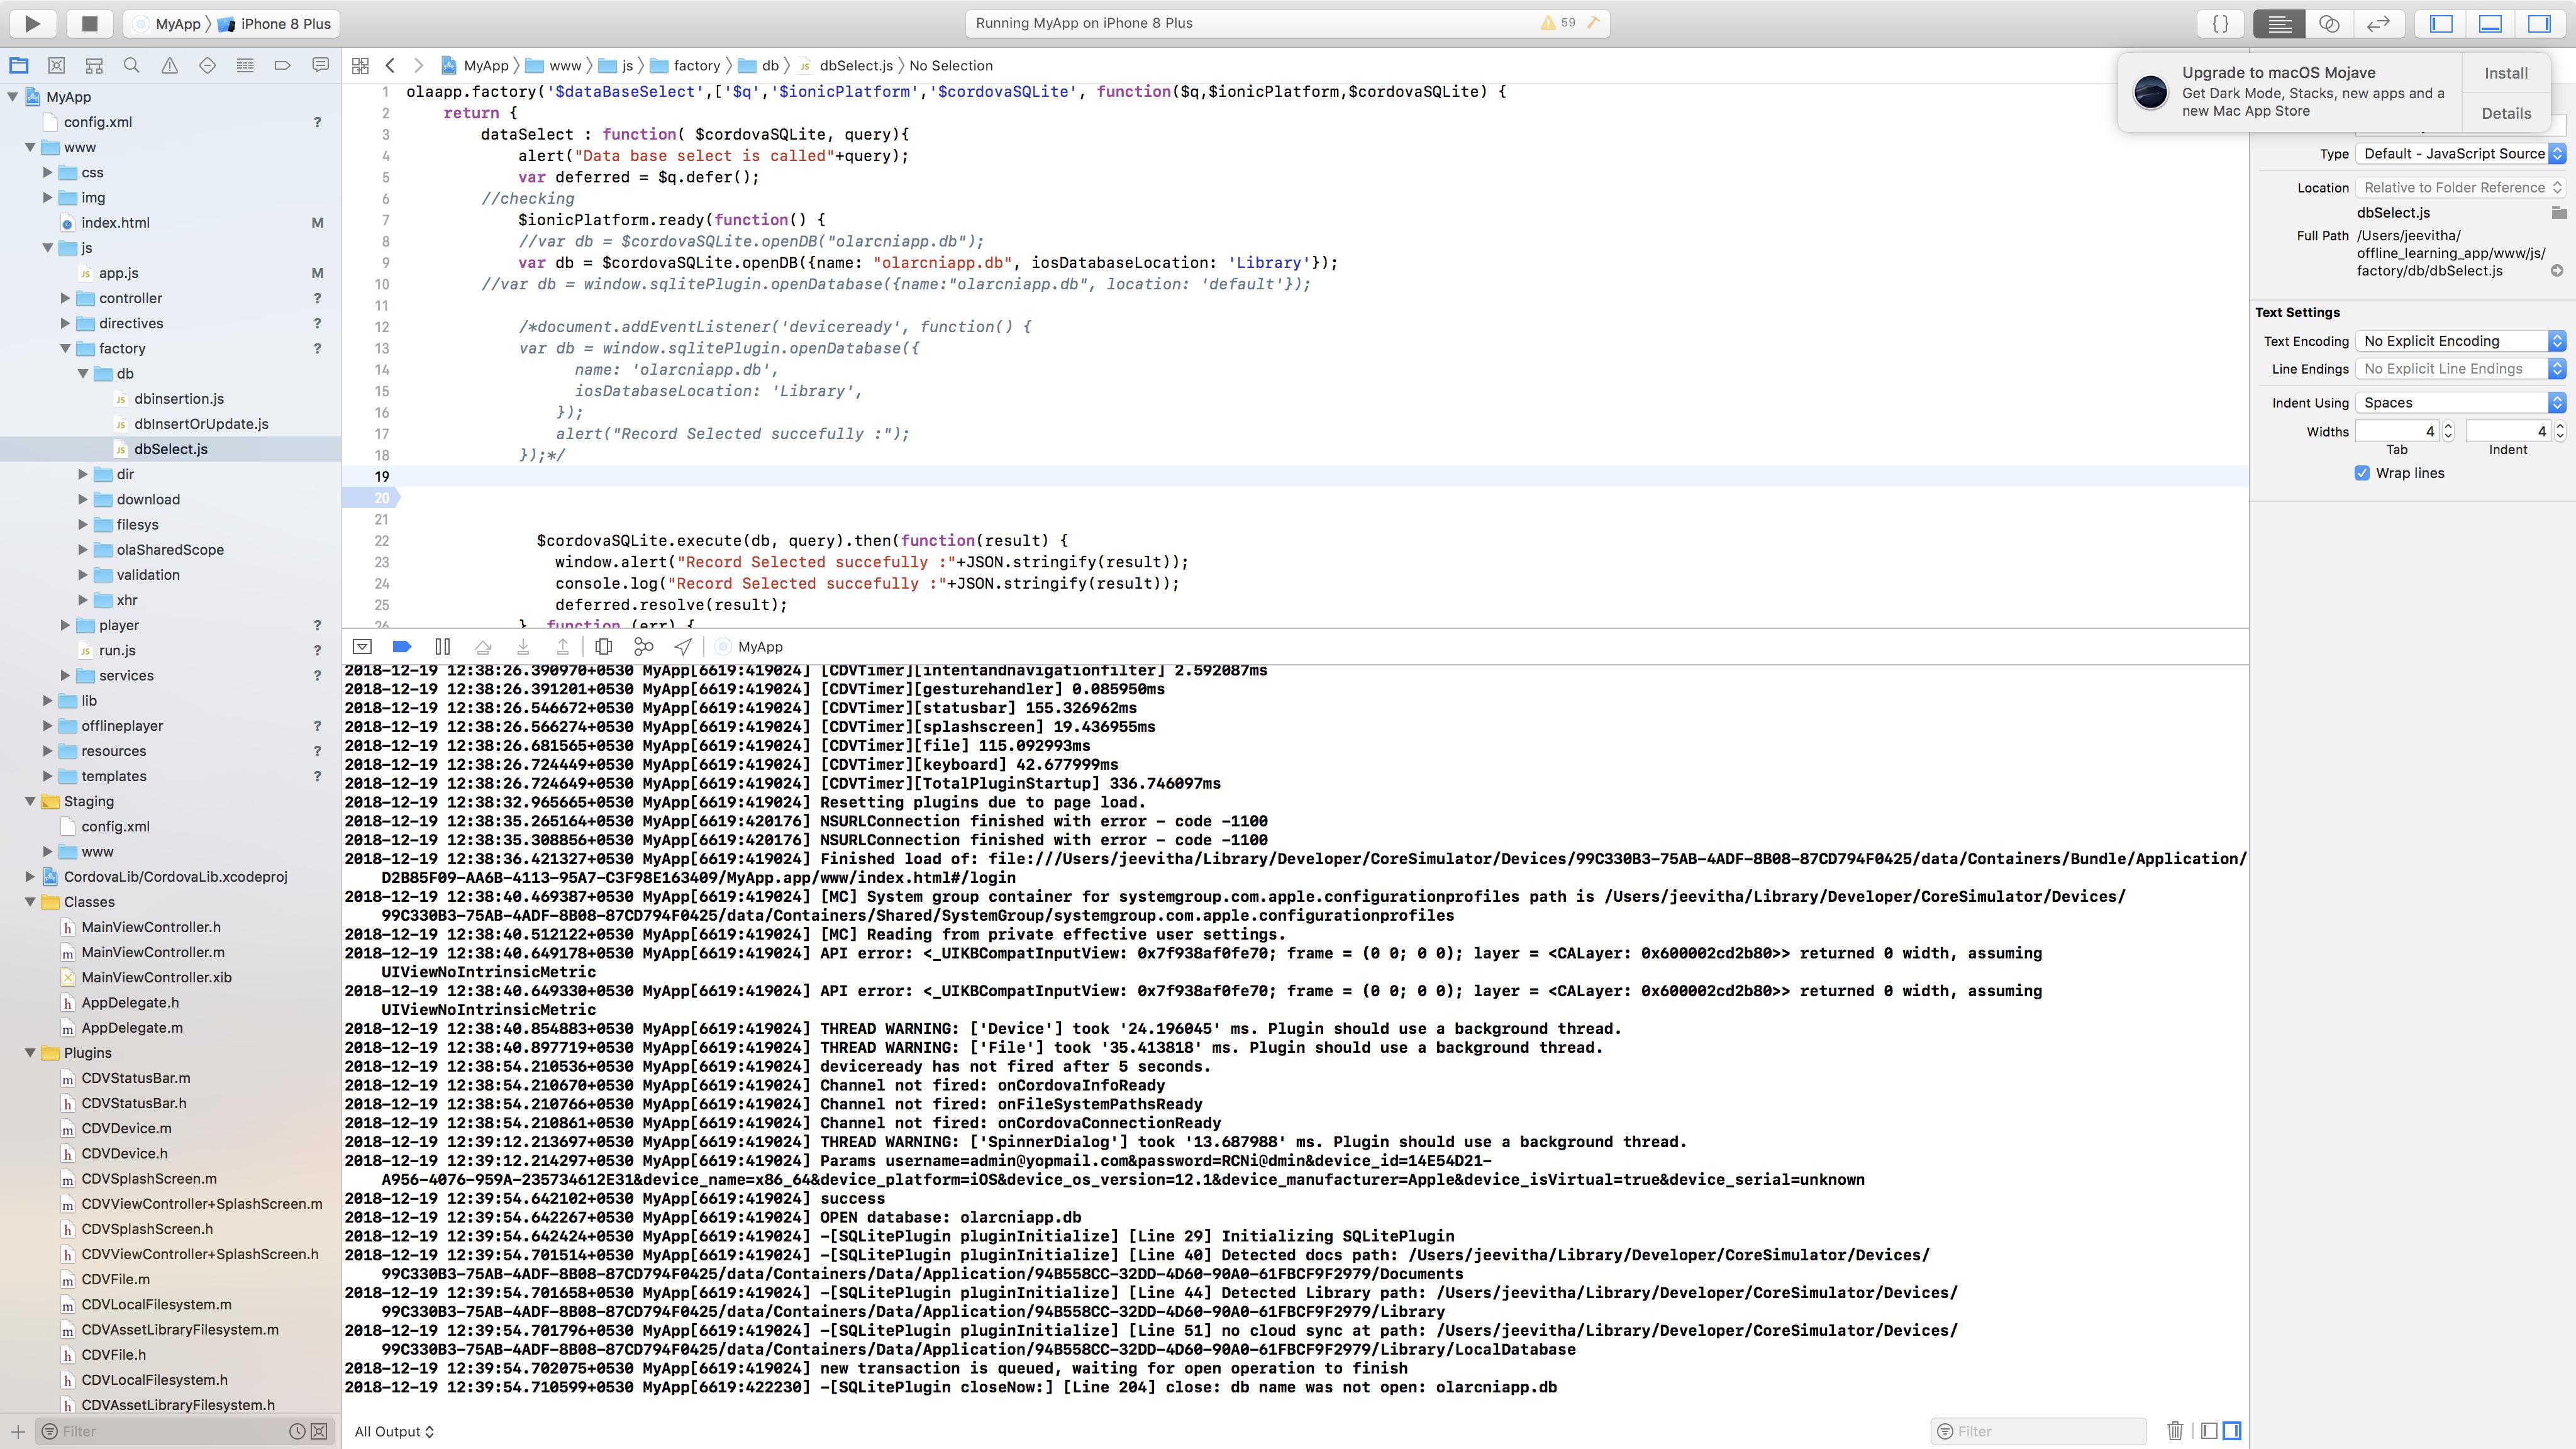 Coming across the error 'database not open' in SQLitePlugin